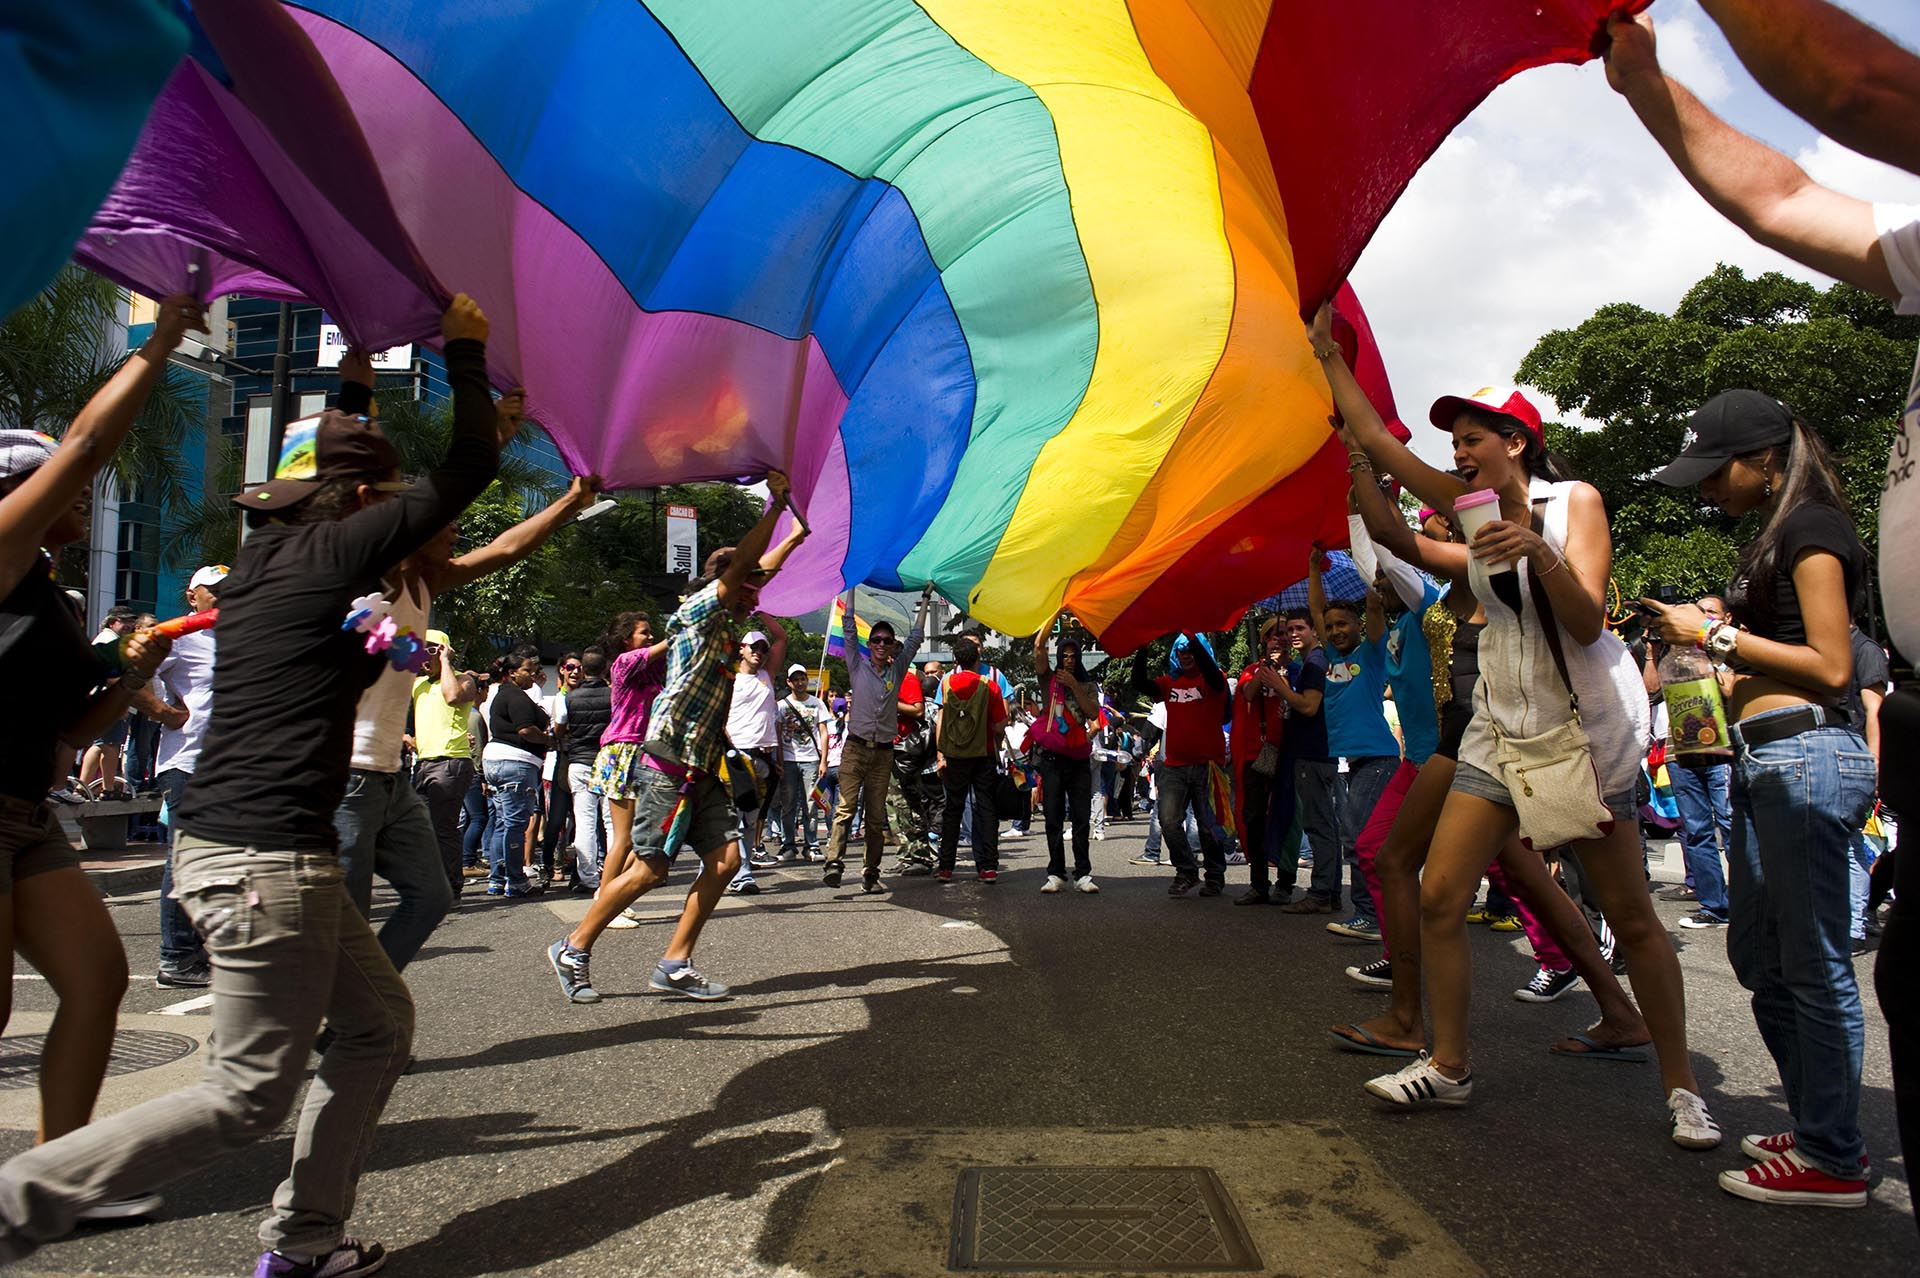 Miembros de la comunidad gay participan en el Desfile del Orgullo en Caracas el 30 de junio de 2012